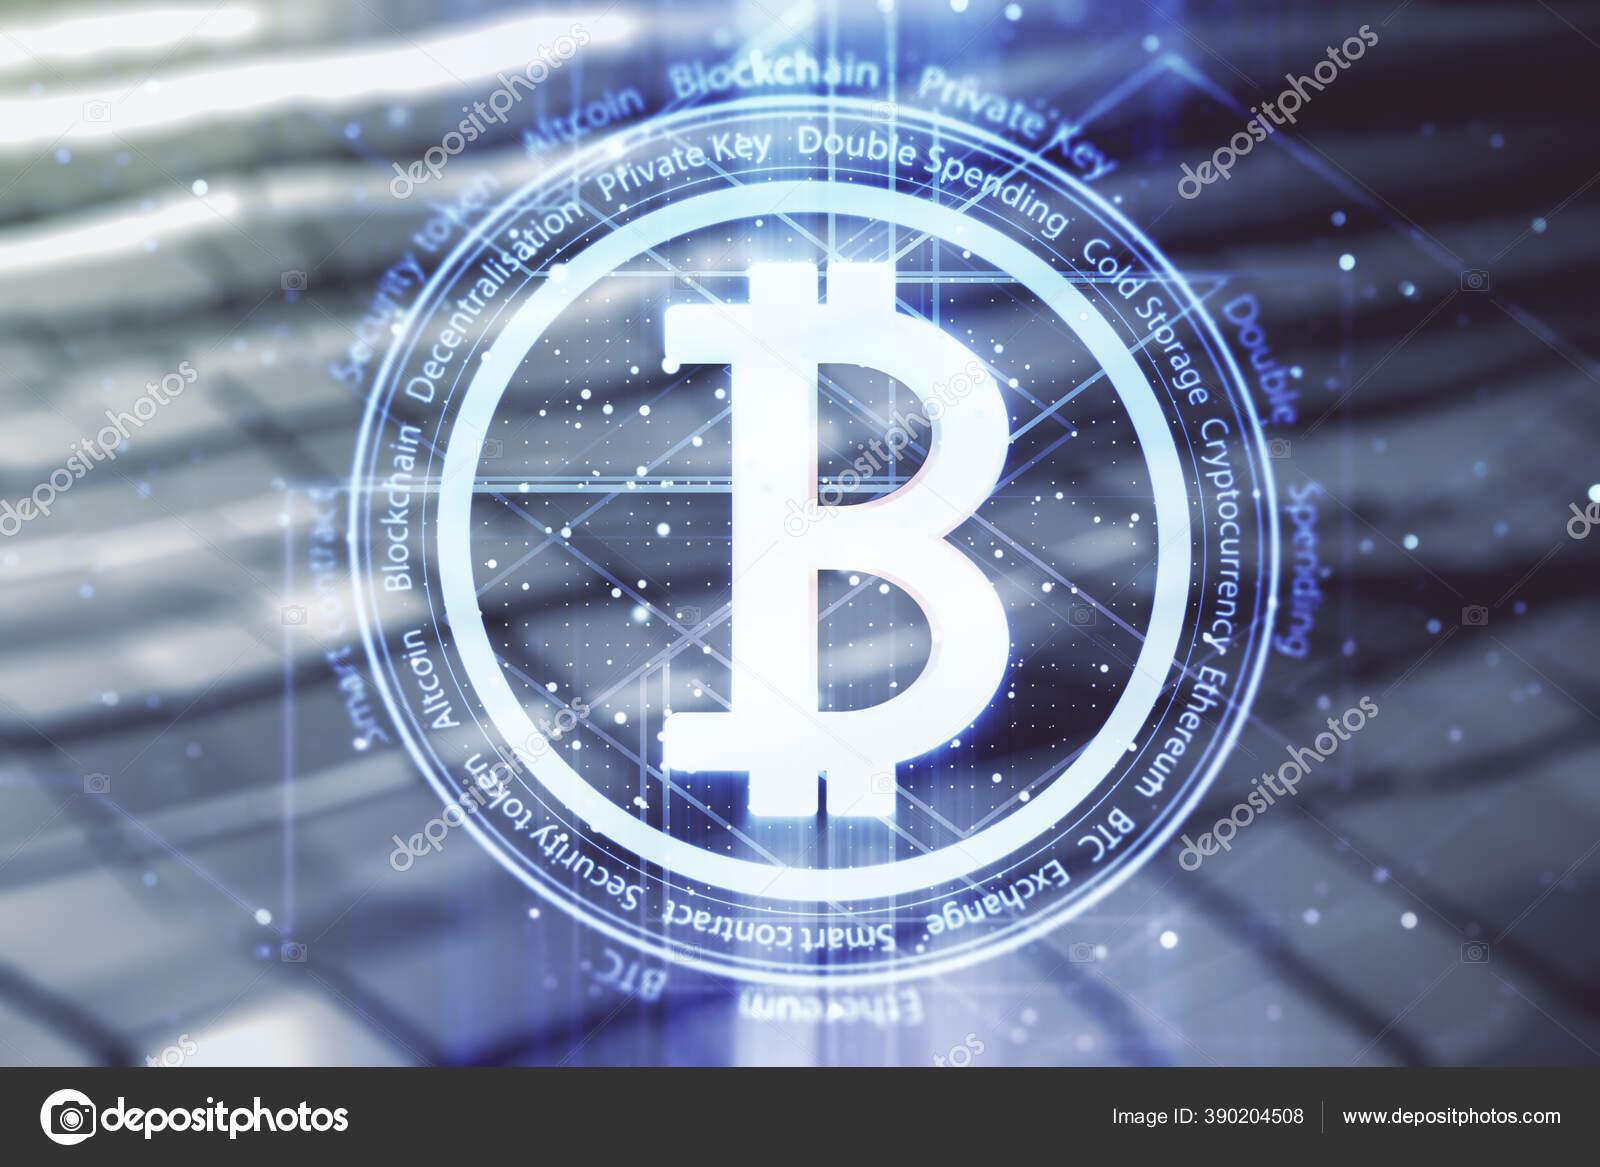 acquistare usb bitcoin dispositivo mineraria